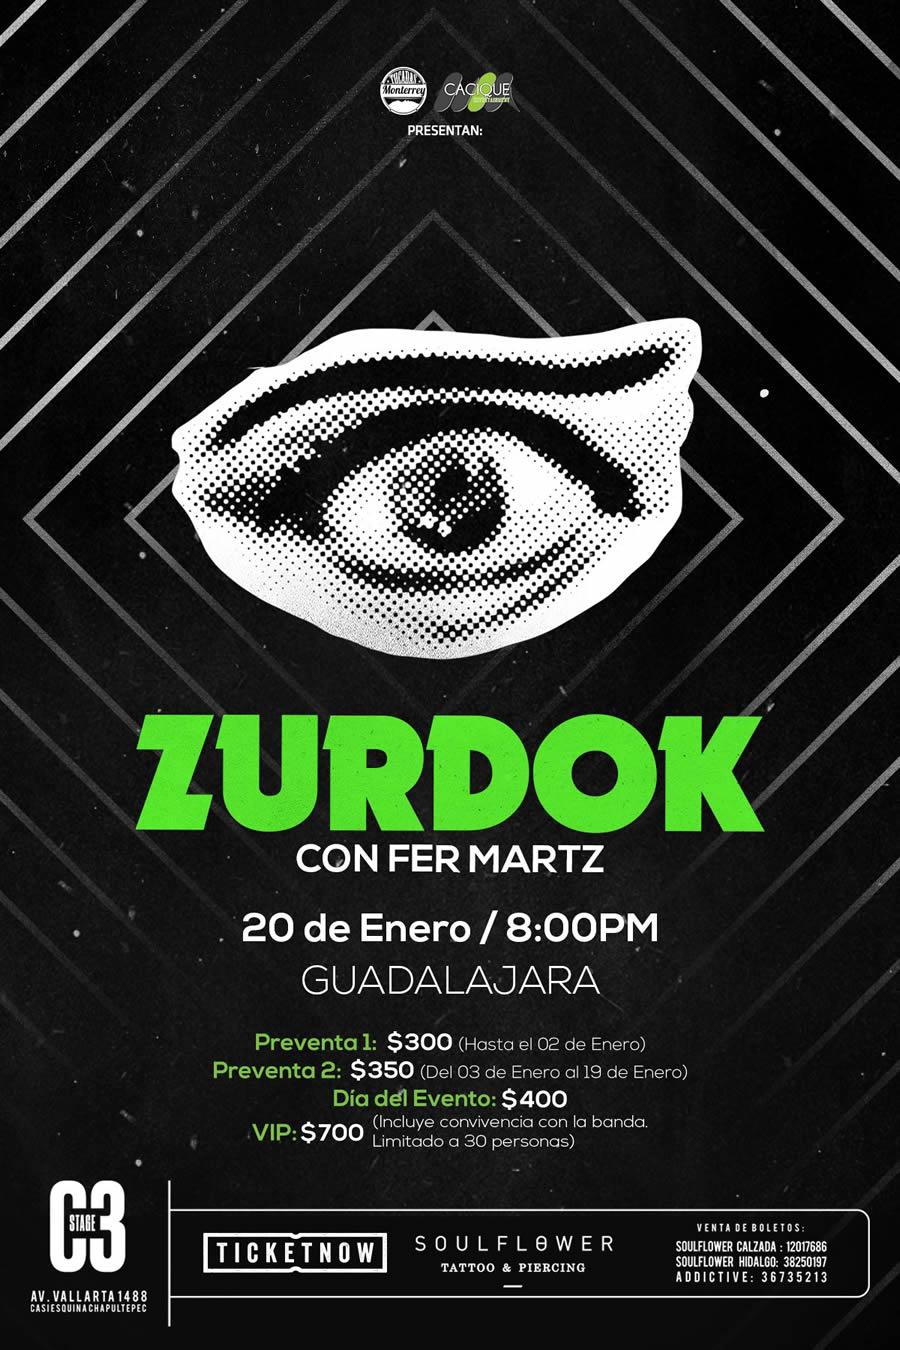 Zurdok en Guadalajara enero 2018